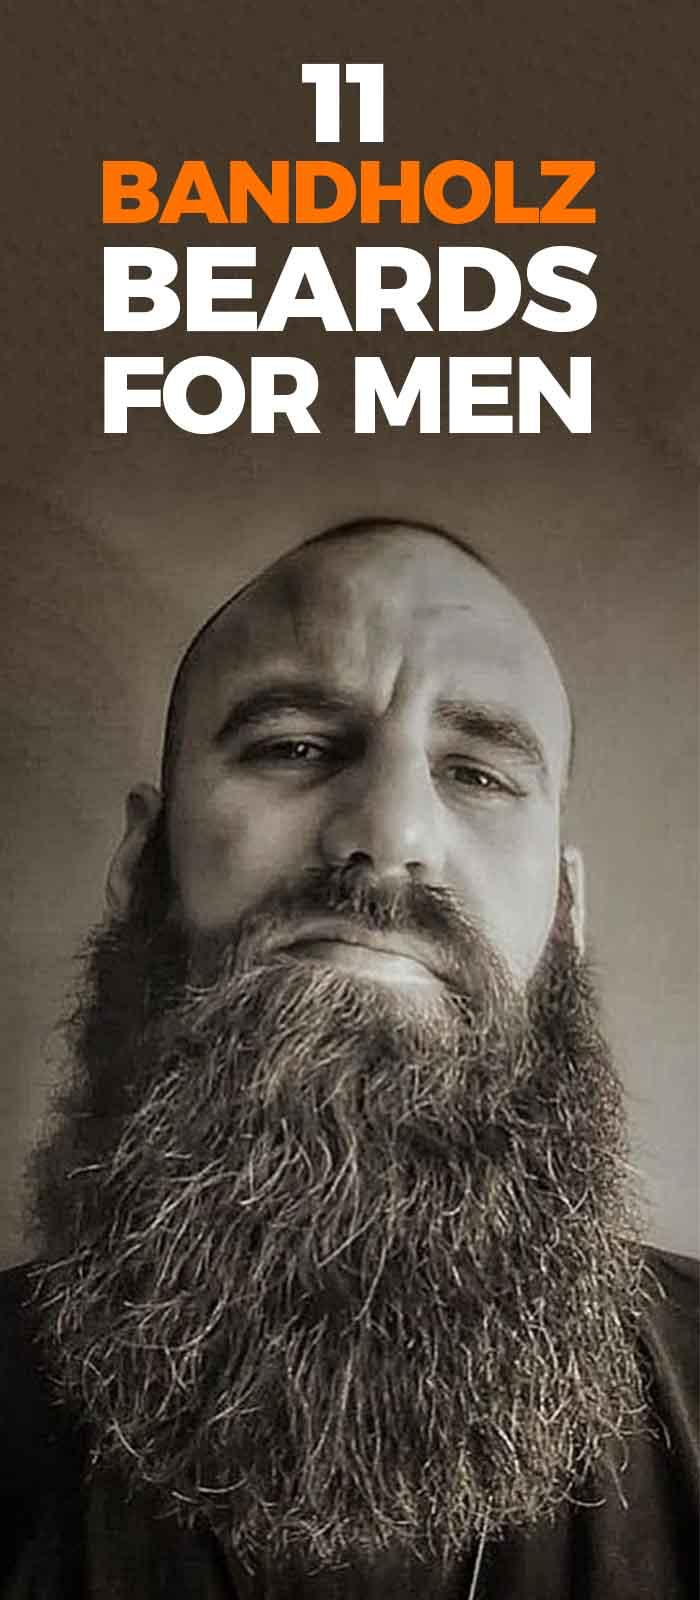 Full Beard Bandholz Style for men!